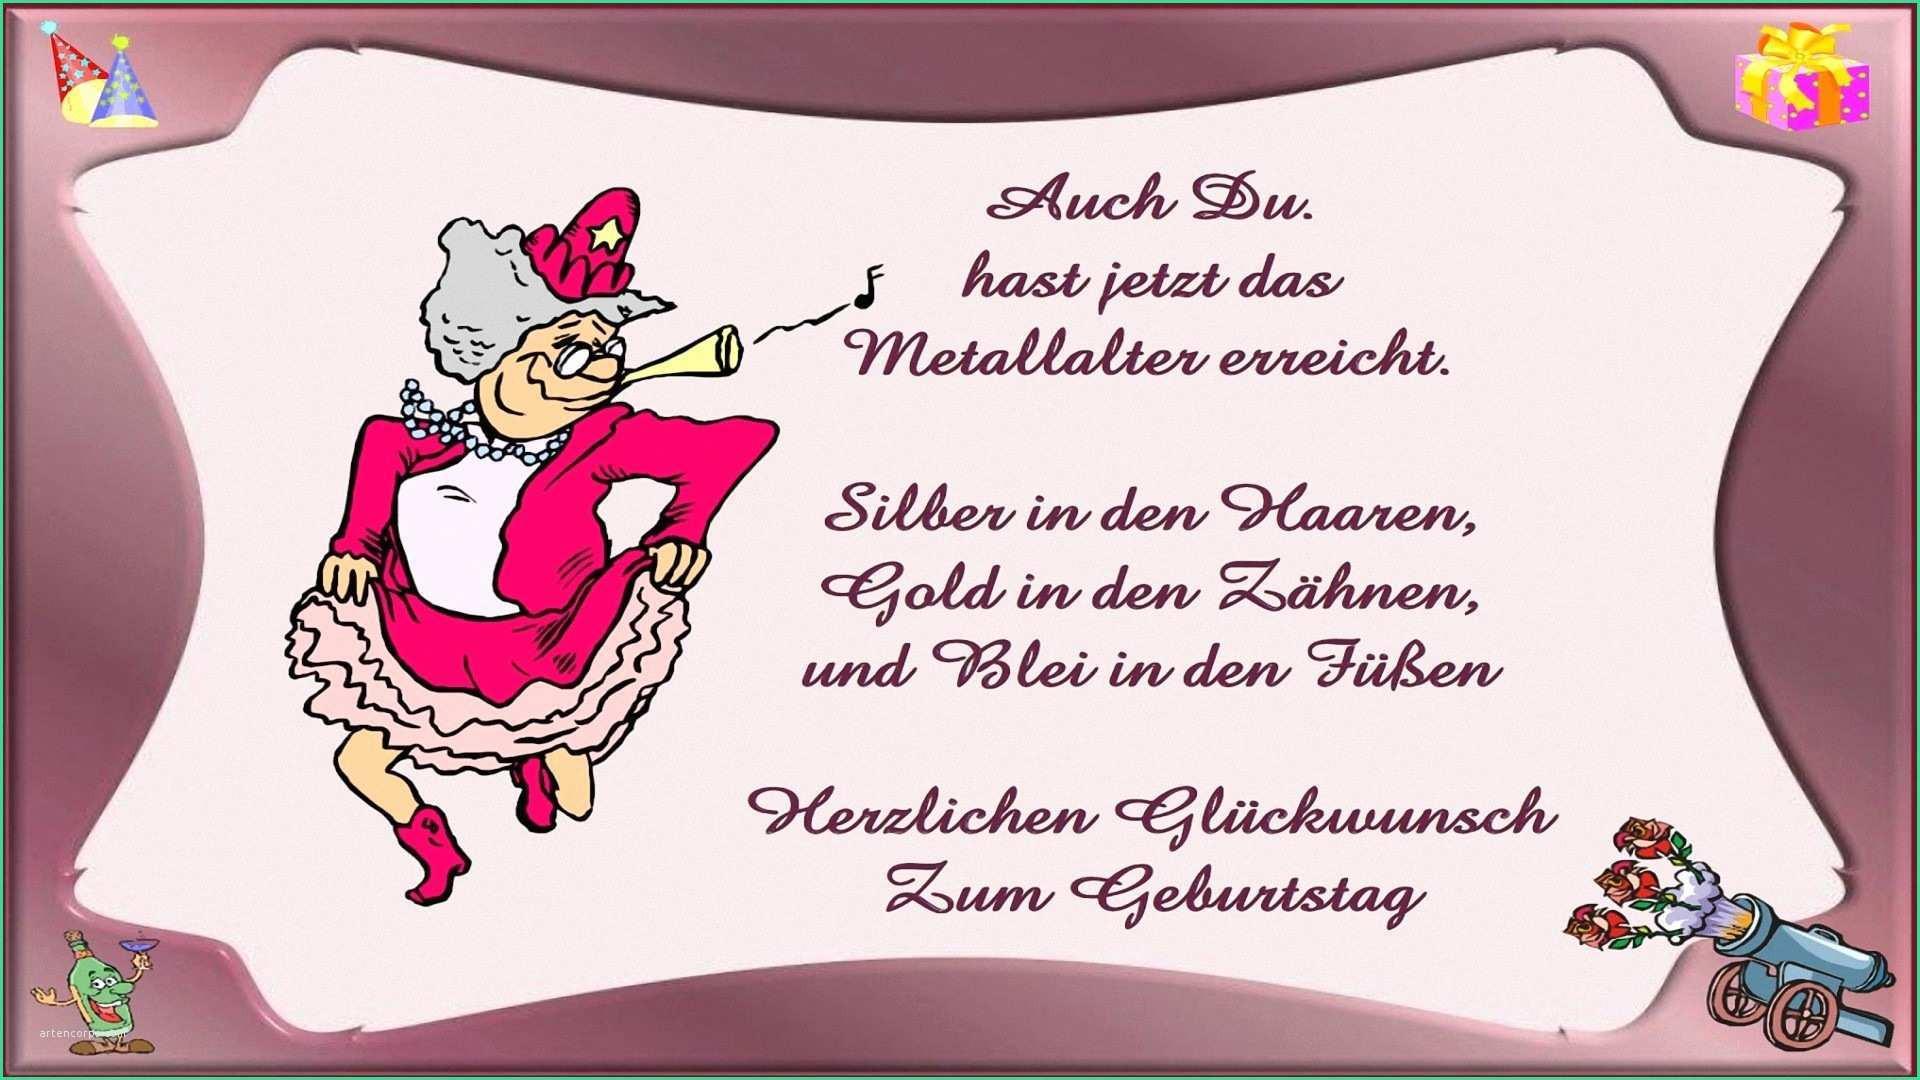 Geburtstagssprüche Frau  Geburtstagssprüche Lustig Frau Hübsch Lustige